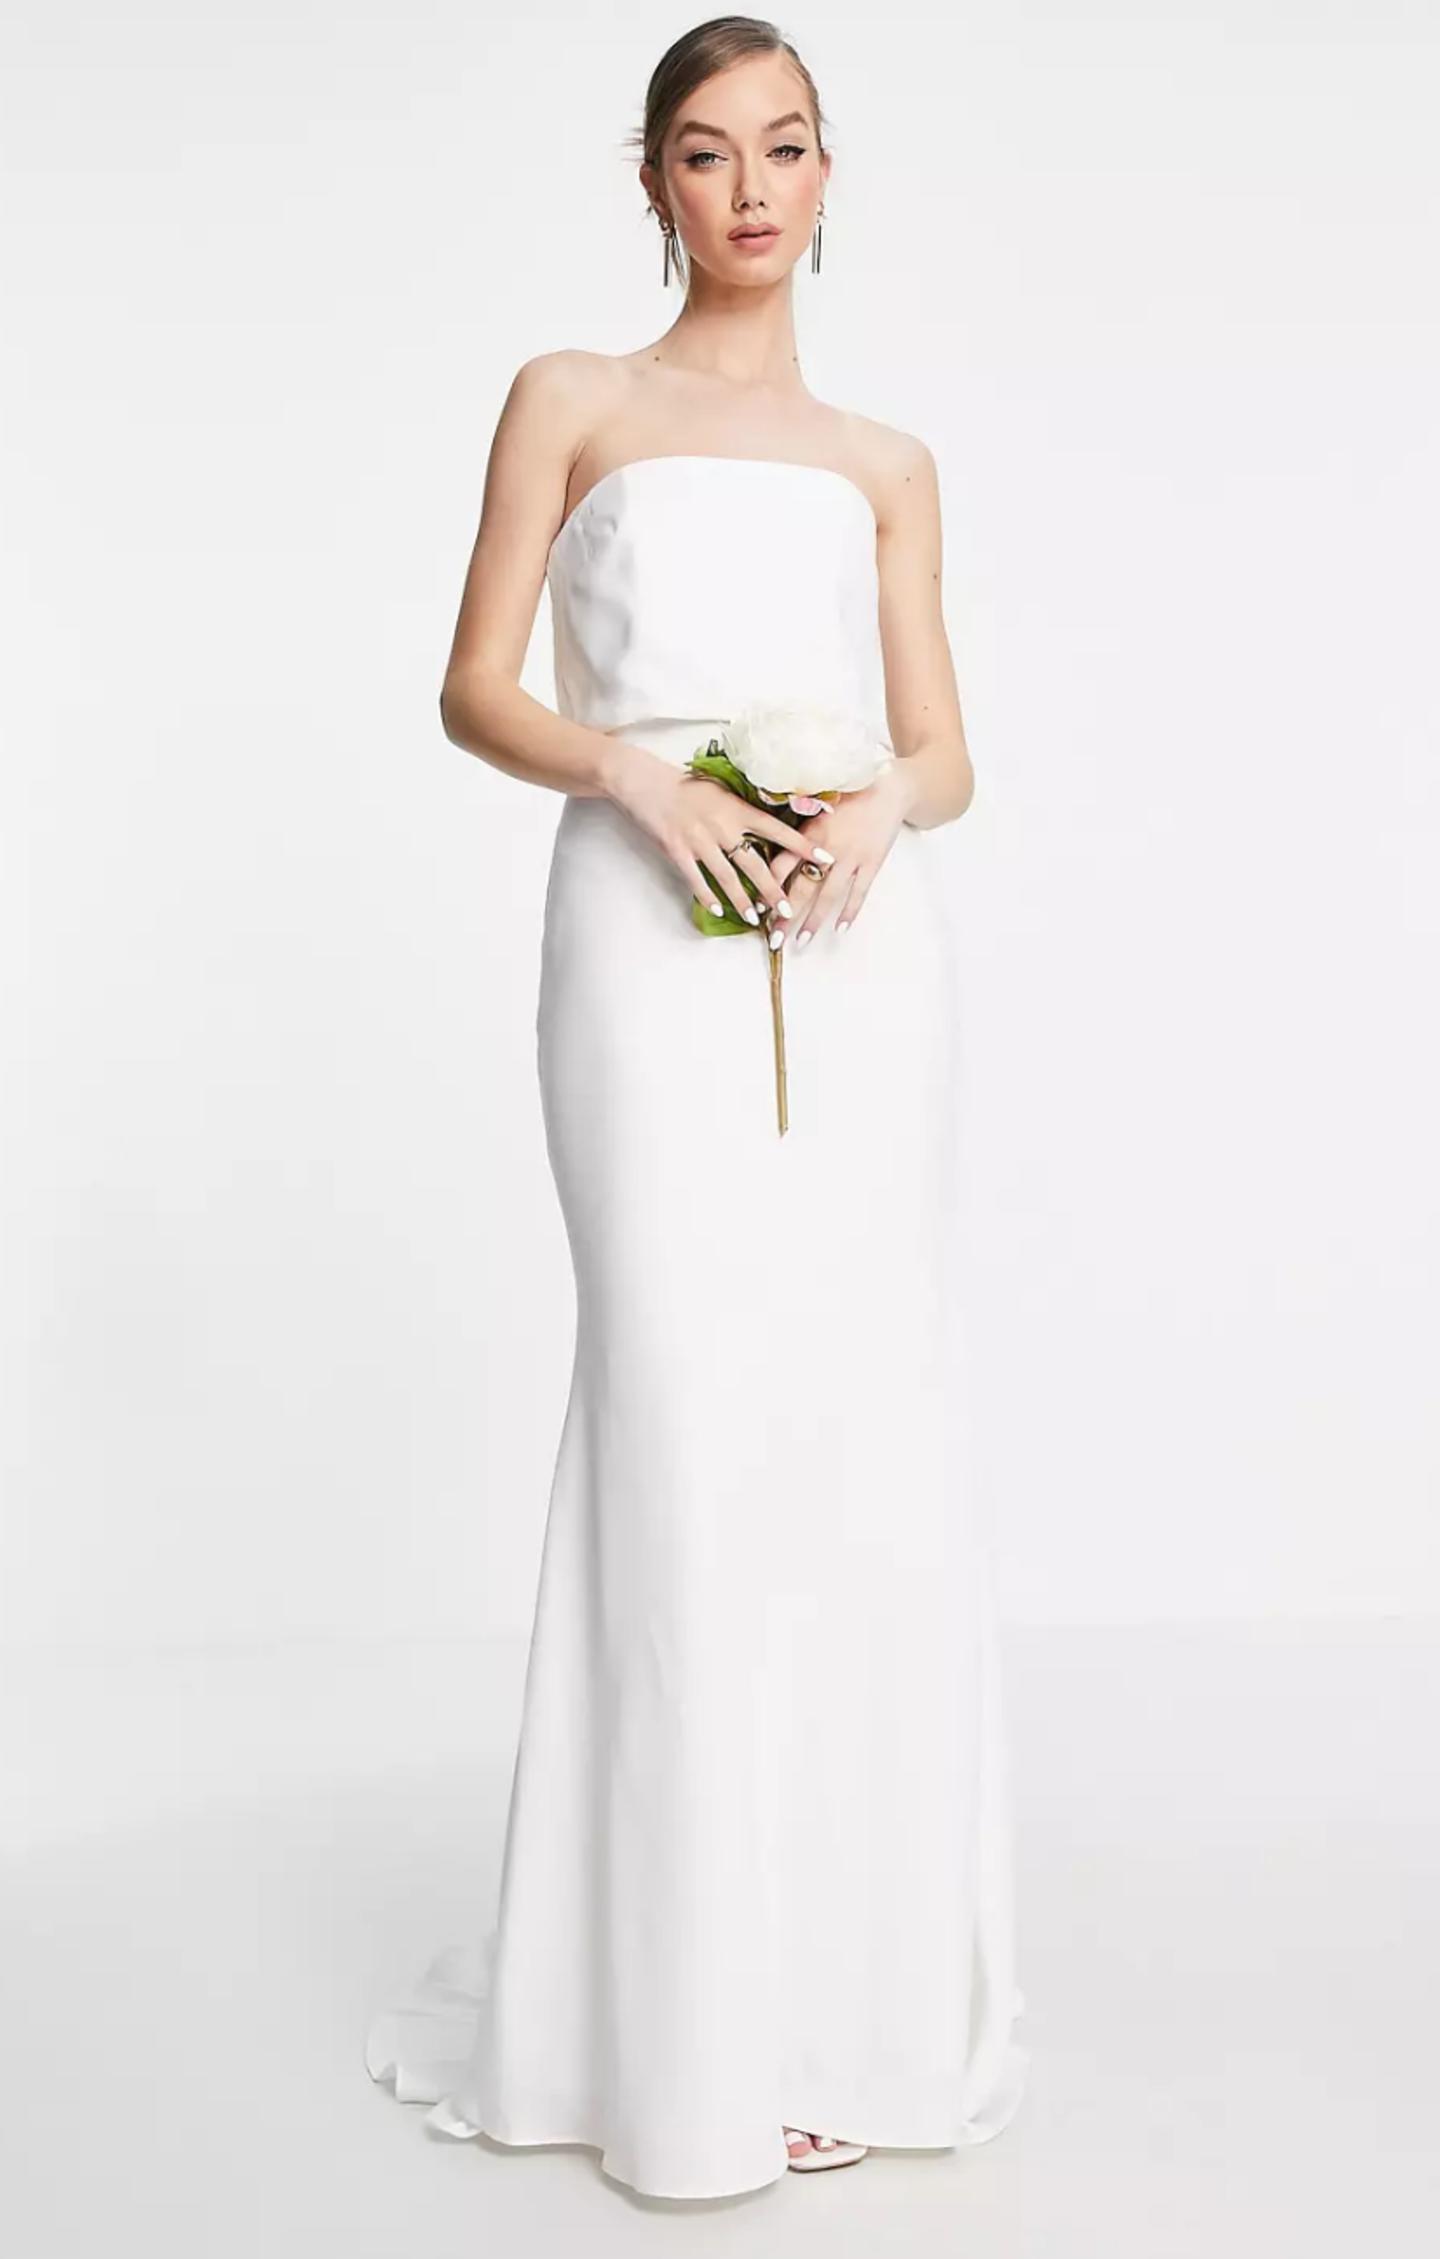 Ein Model präsentiert ein Off-Shoulder-Brautkleid.